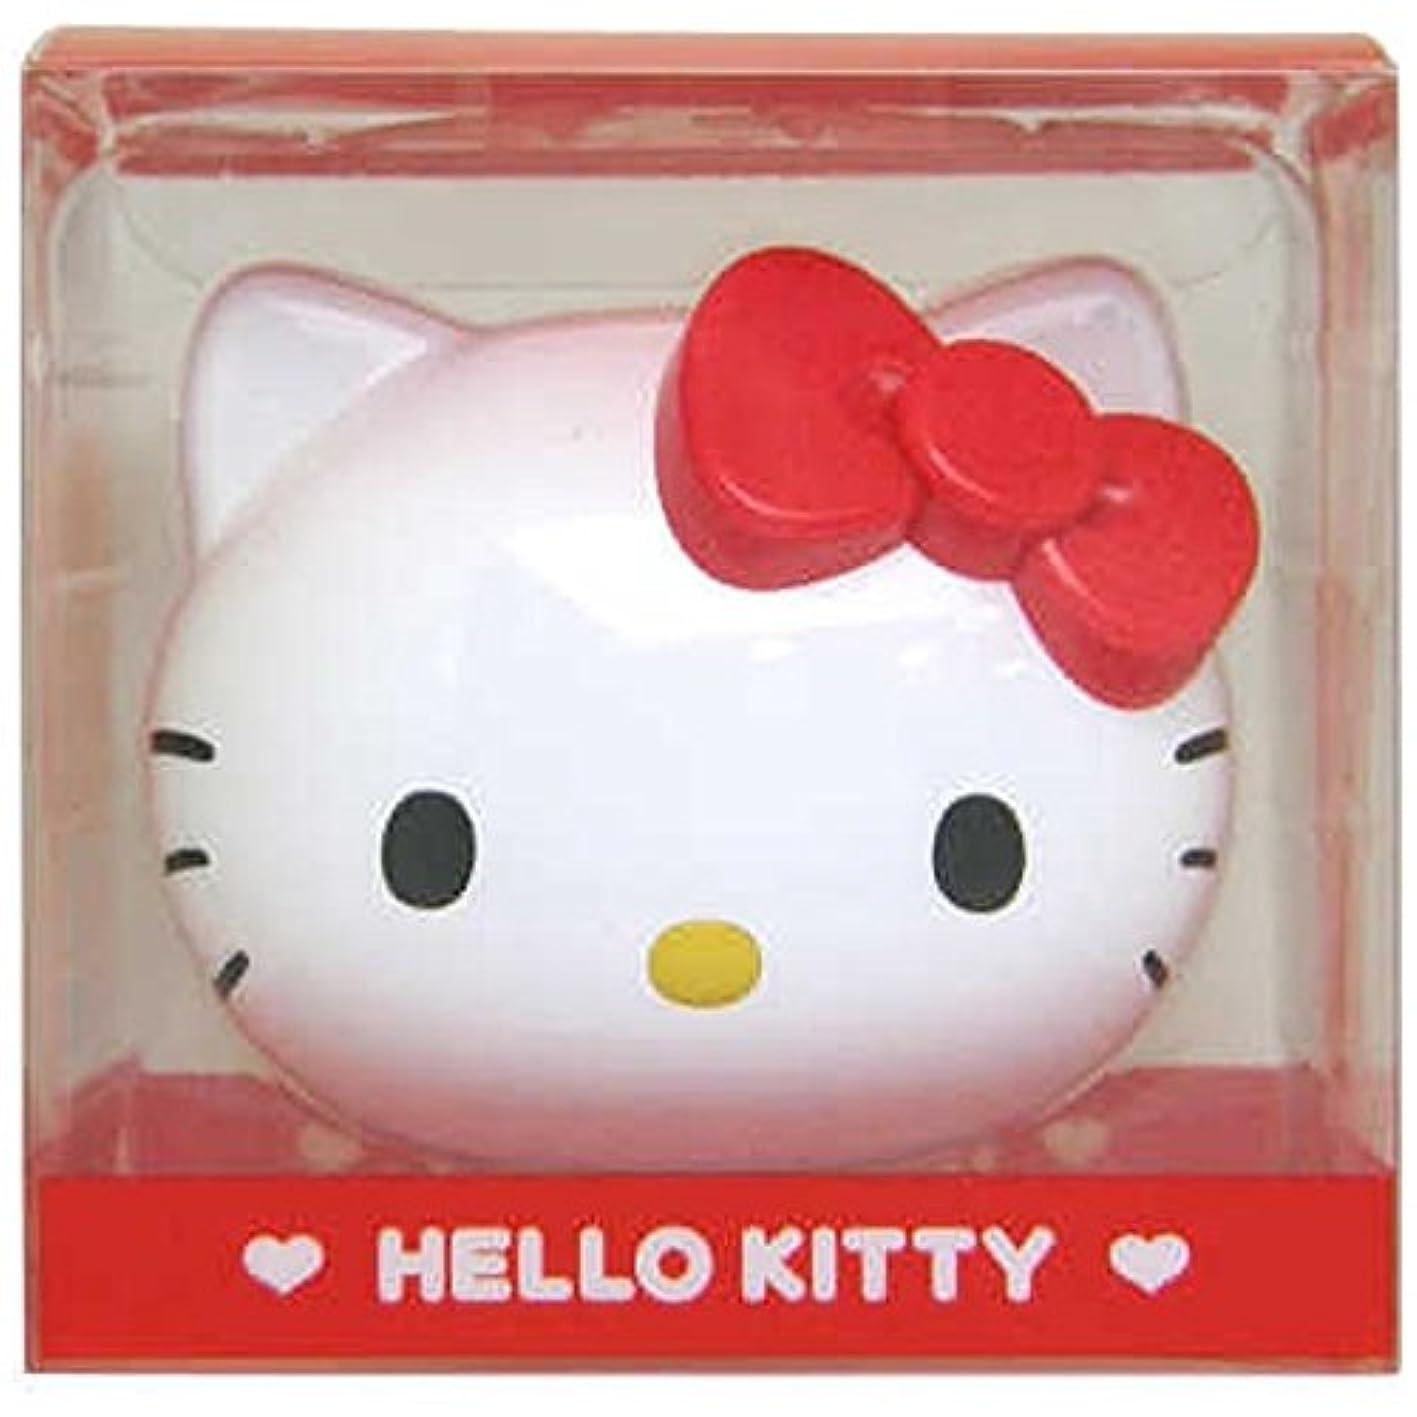 ぼかす前述の癌素数 ボディブラシ 「キティ ボディブラシ」 8028852 ホワイト (正規販売店:KS-0100)